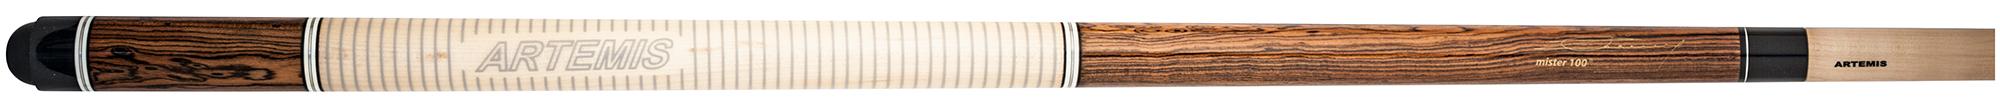 CK0200-08:  Artemis Mister 100 Bocote 3D grip #1